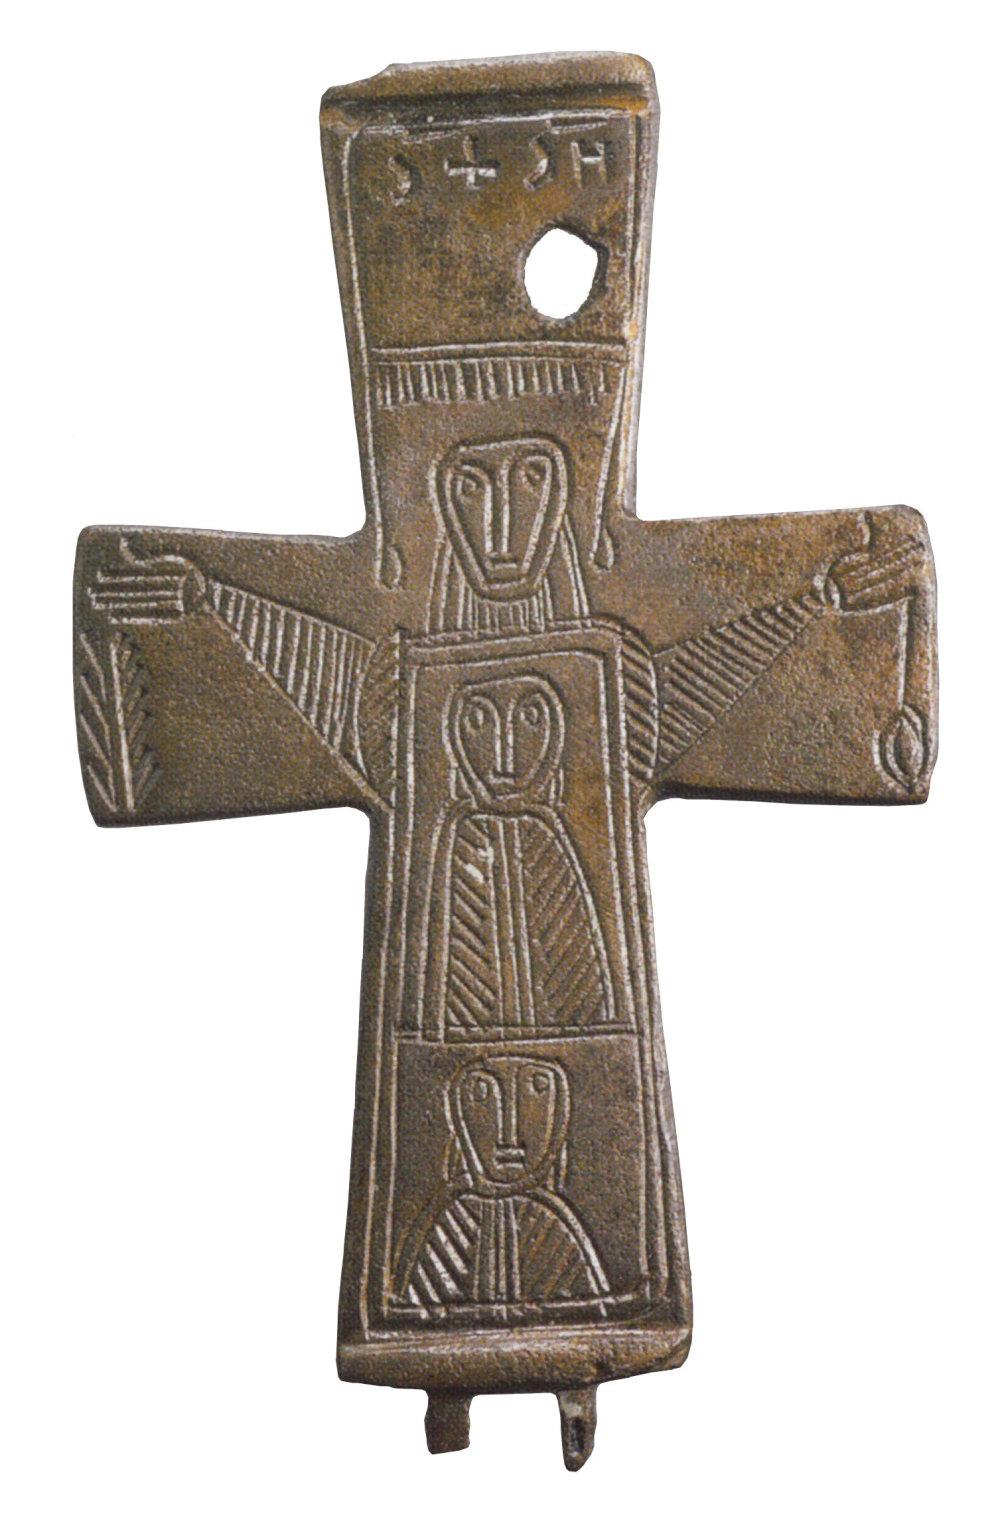 Kríž z Veľkej Mače pri Seredi pochádza pravdepodobne z 9. storočia. Vyrobili ho zrejme v Byzancii. Vyobrazuje svätú Trojicu. Bol aj na slovenskej desaťkorunáčke. Foto - Archeologické múzeum Bratislava, SNM